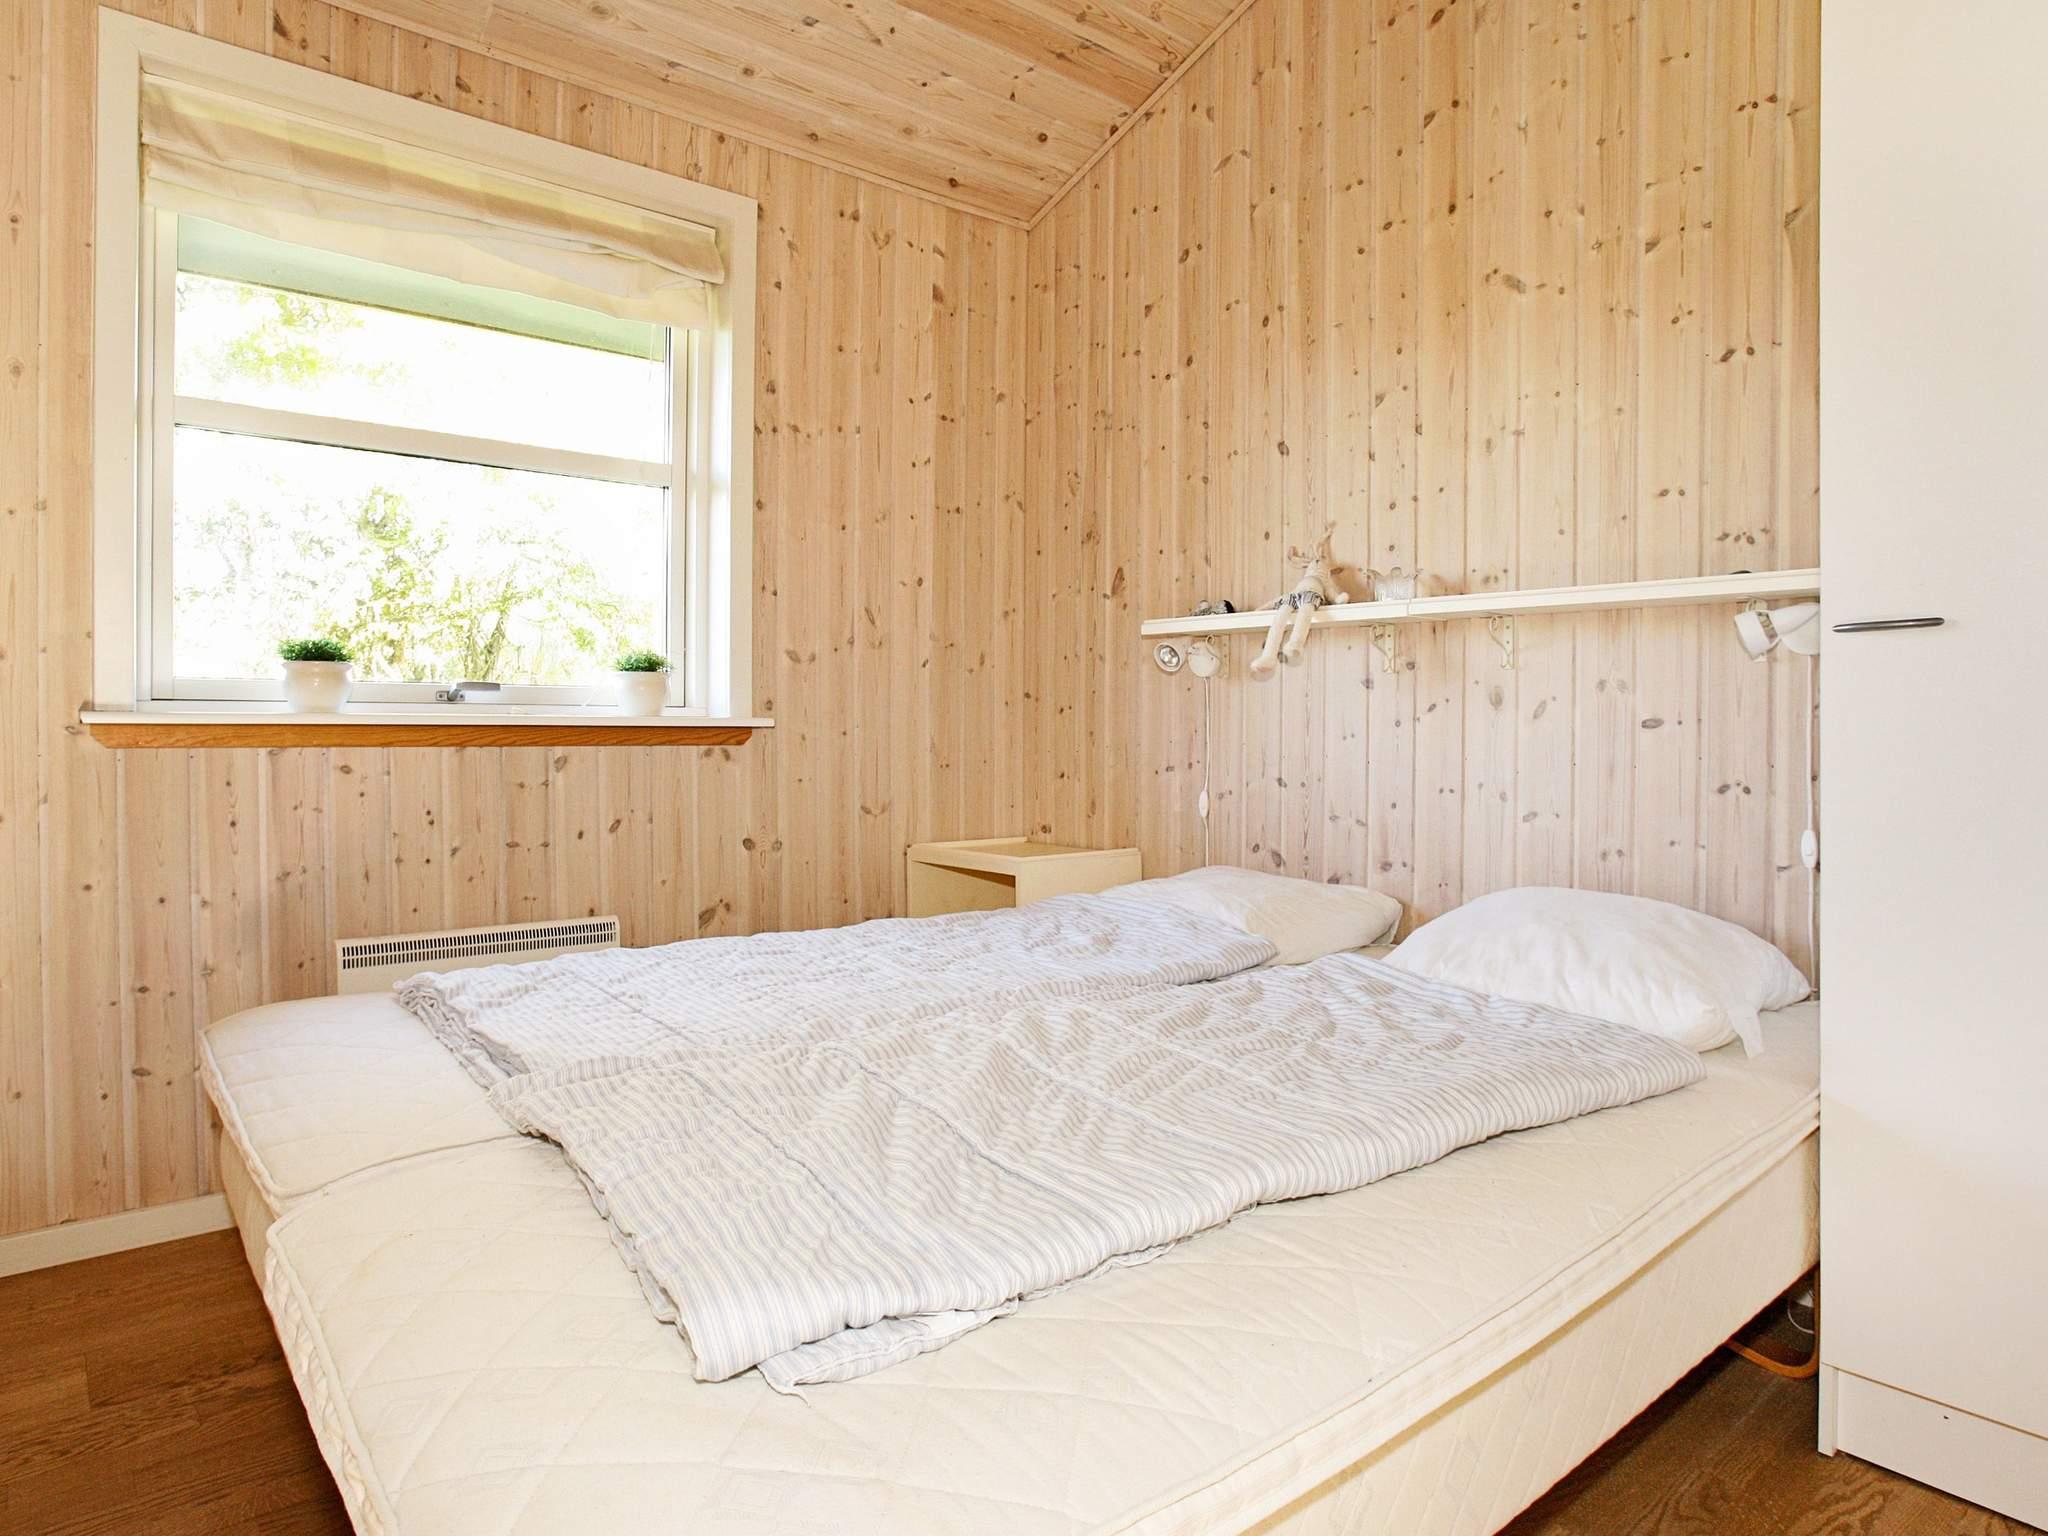 Ferienhaus Kærgården (125622), Vestervig, , Limfjord, Dänemark, Bild 7